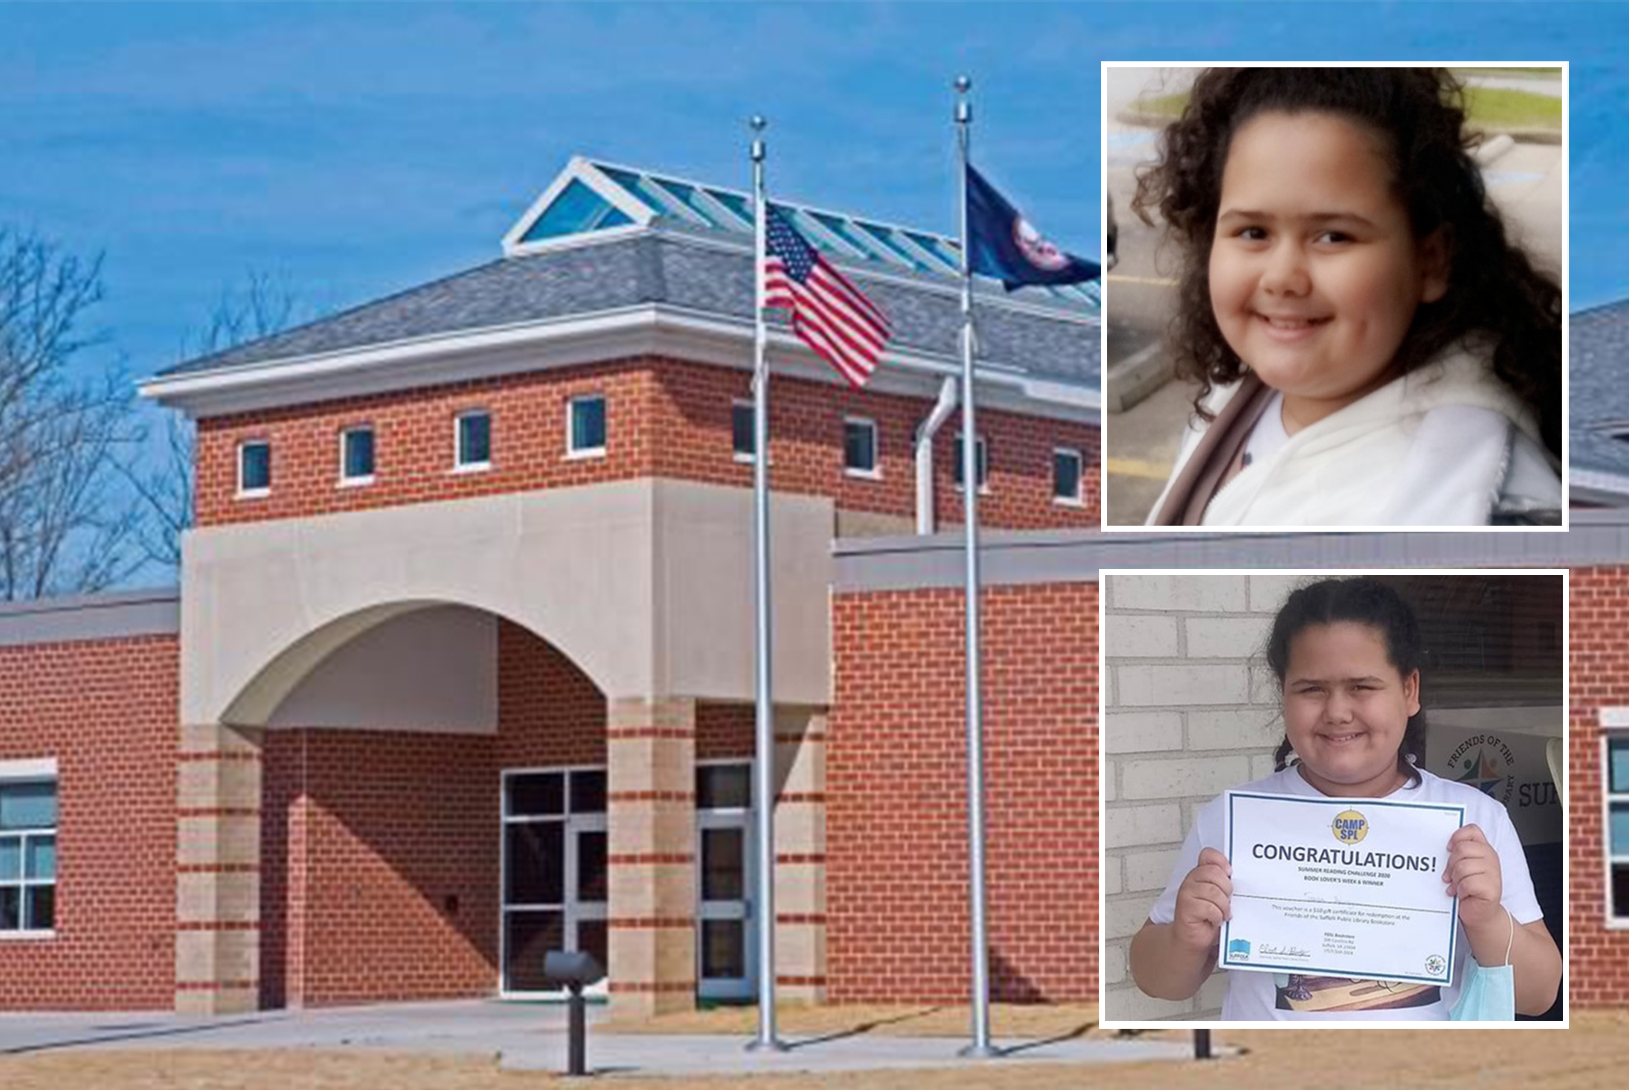 2 Children Under 10 Died of COVID-19 in Virginia